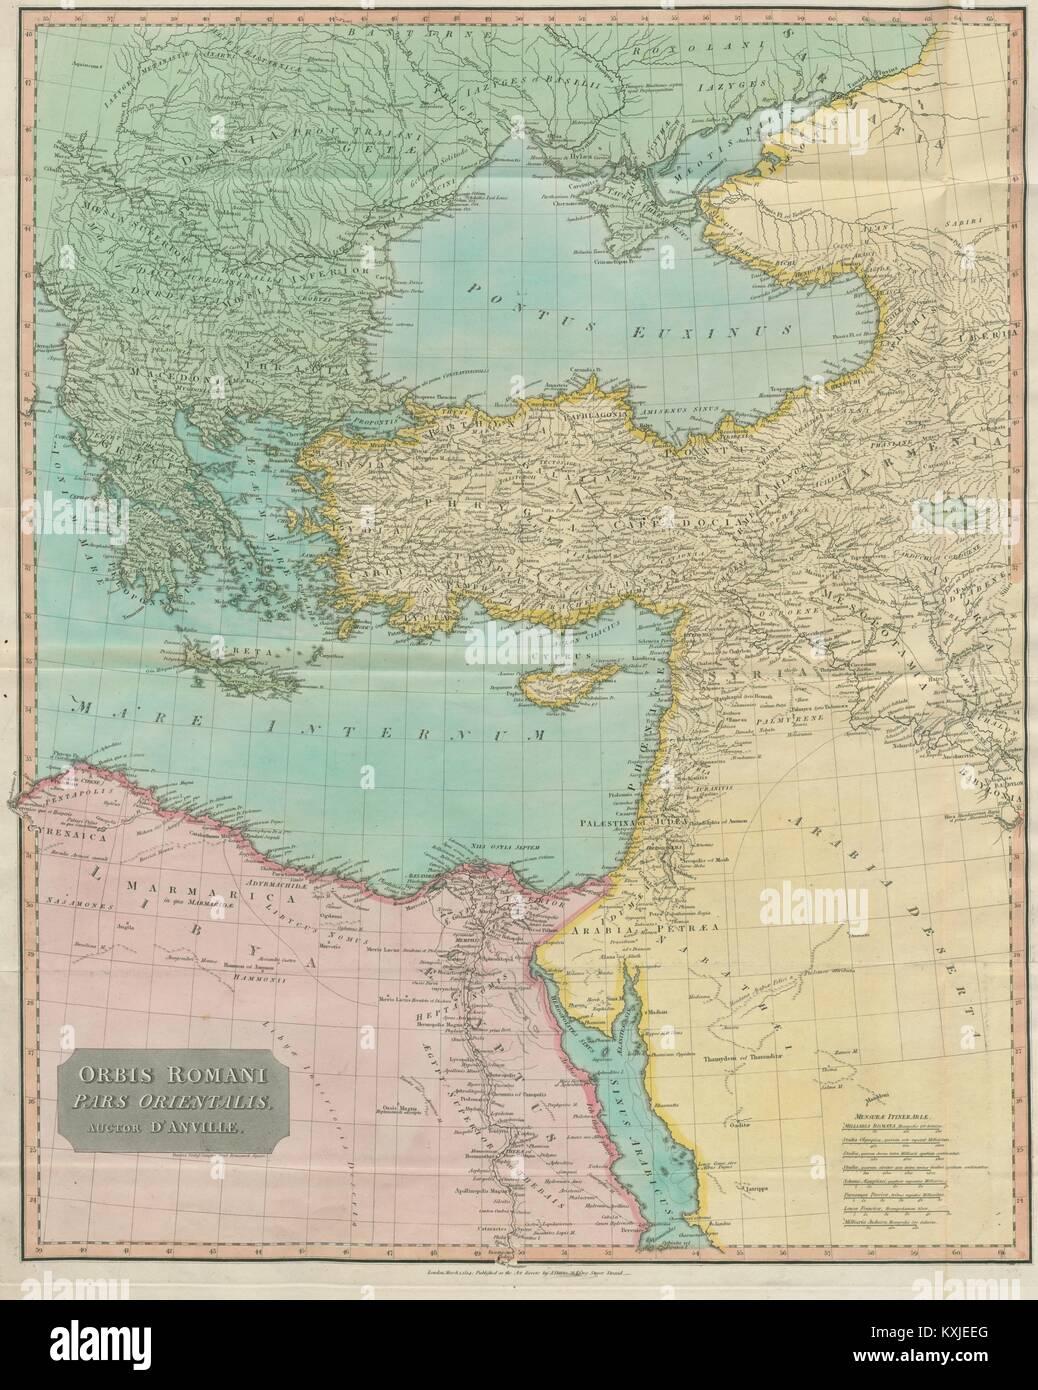 """'Orbis Romani pars orientalis"""". La partie orientale de l'Empire romain. La carte d'Anville, 1815 Photo Stock"""